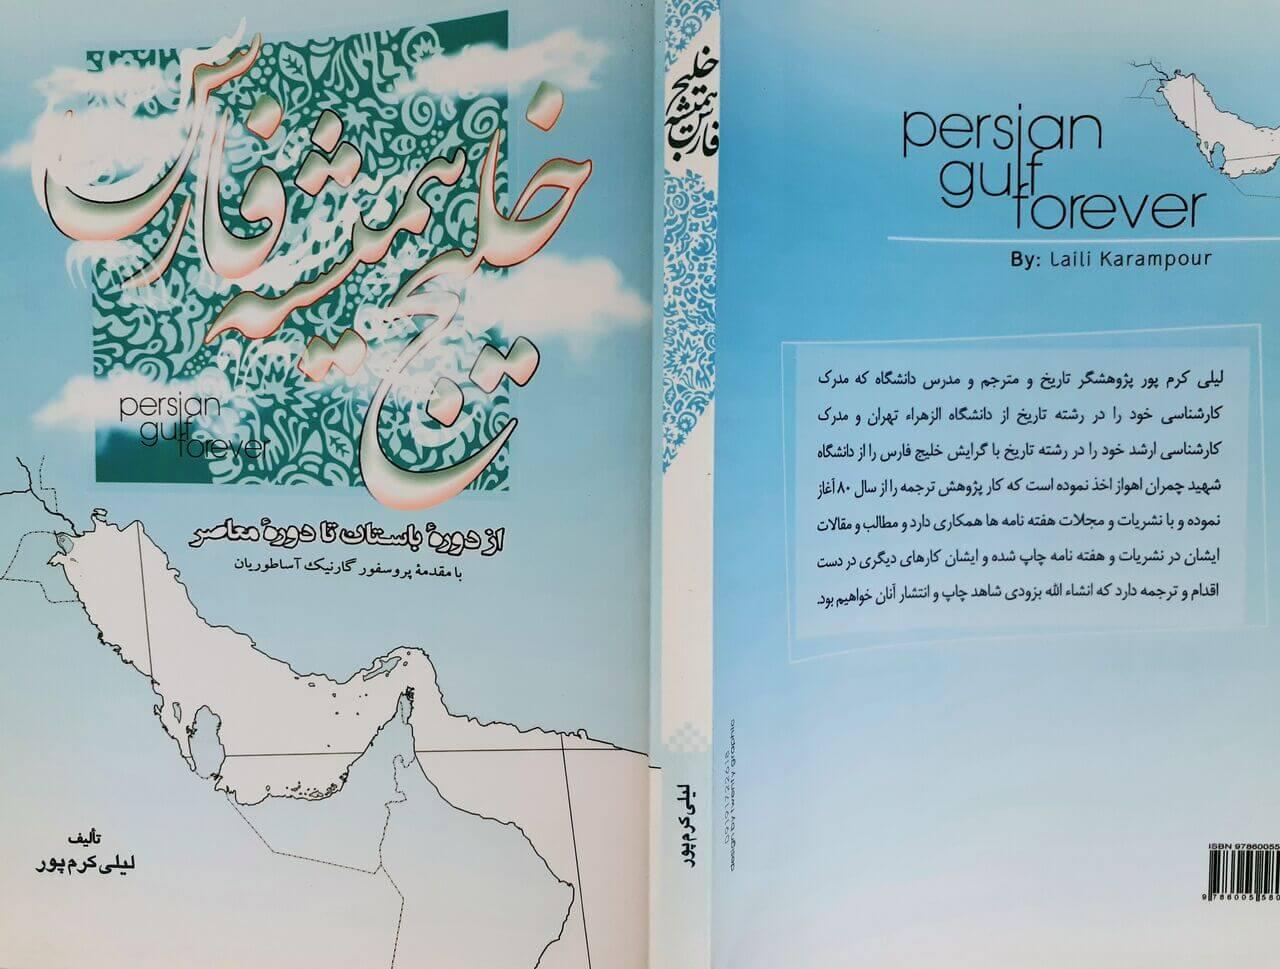 «خلیج همیشه فارس» در گذر زمان